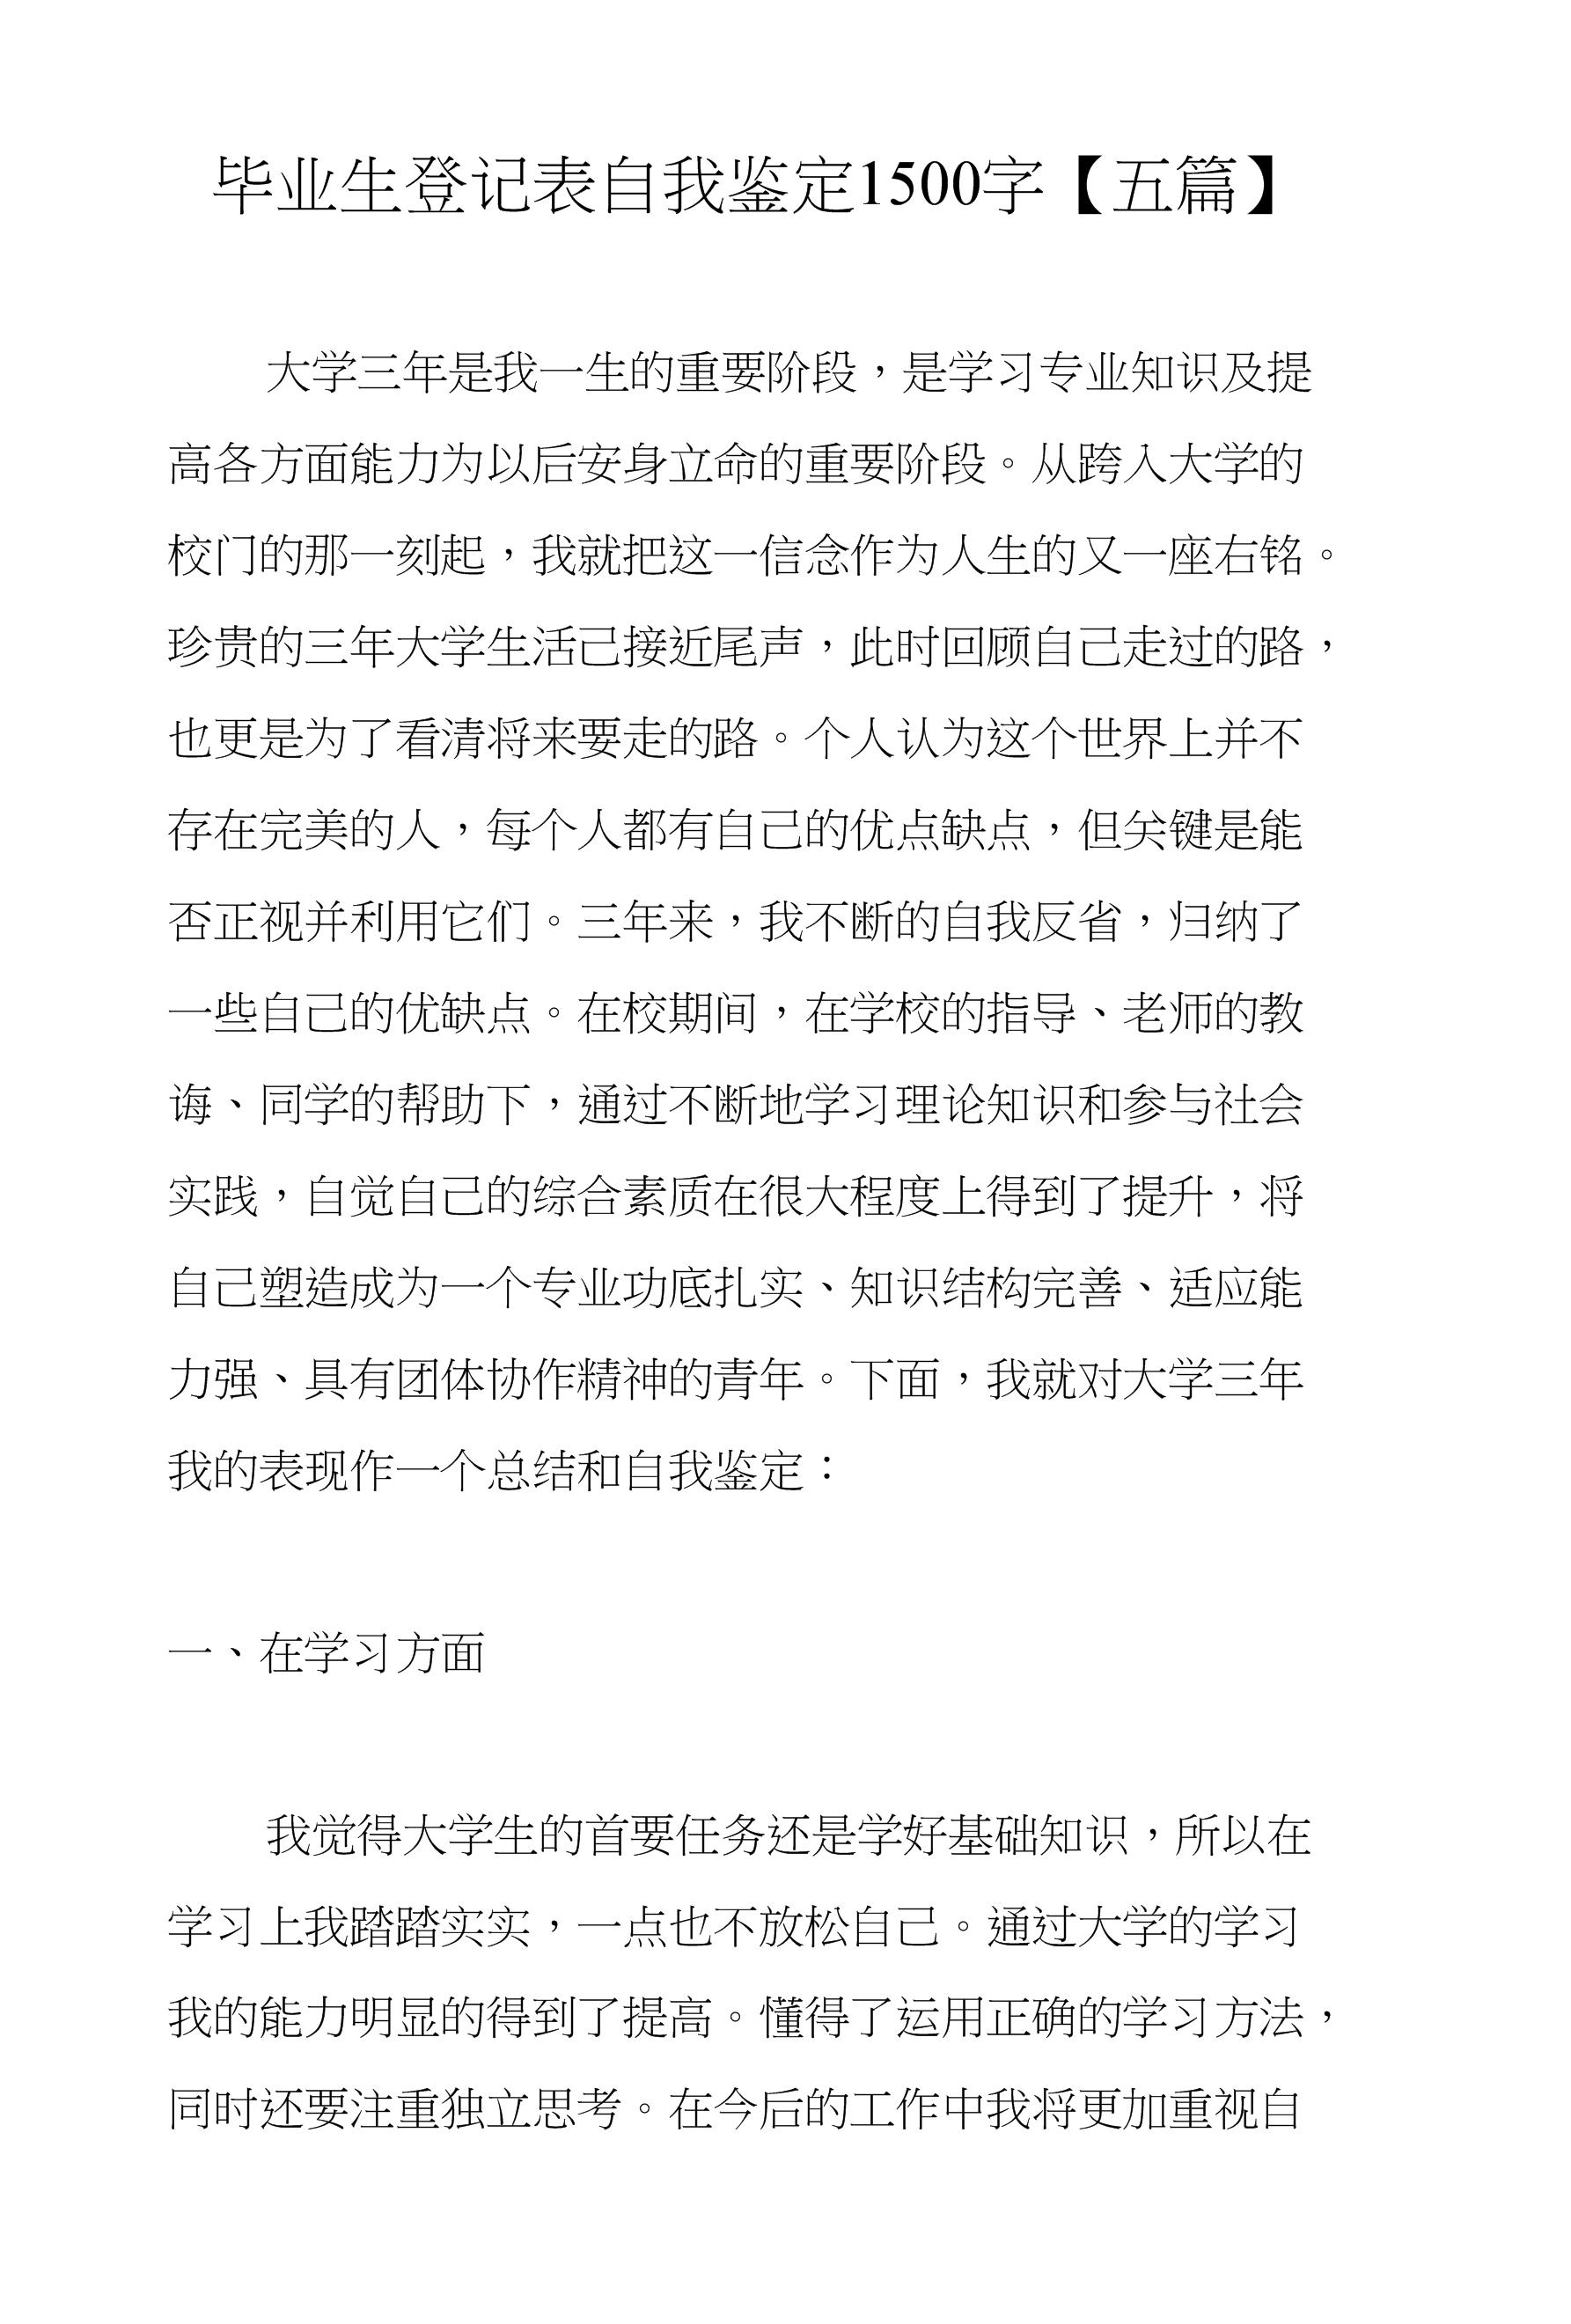 毕业生登记表自我鉴定1500字【五篇】.doc学高中浙江省考图片